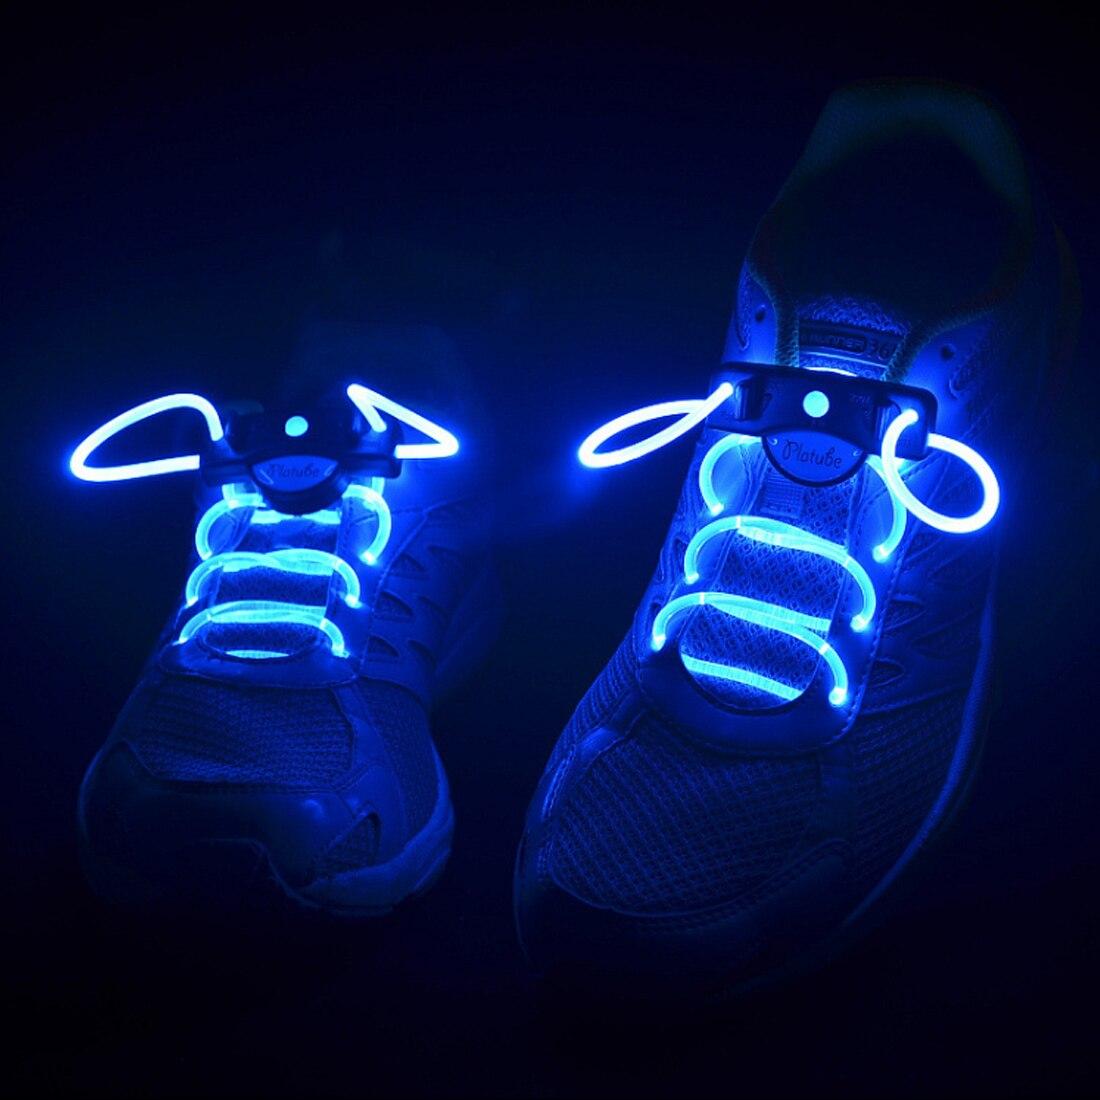 2pcs! Fashion LED Shoelaces Shoe Laces Flashing Light Up Glow Stick Strap Neon Shoe Strings Luminous Laces Disco Party